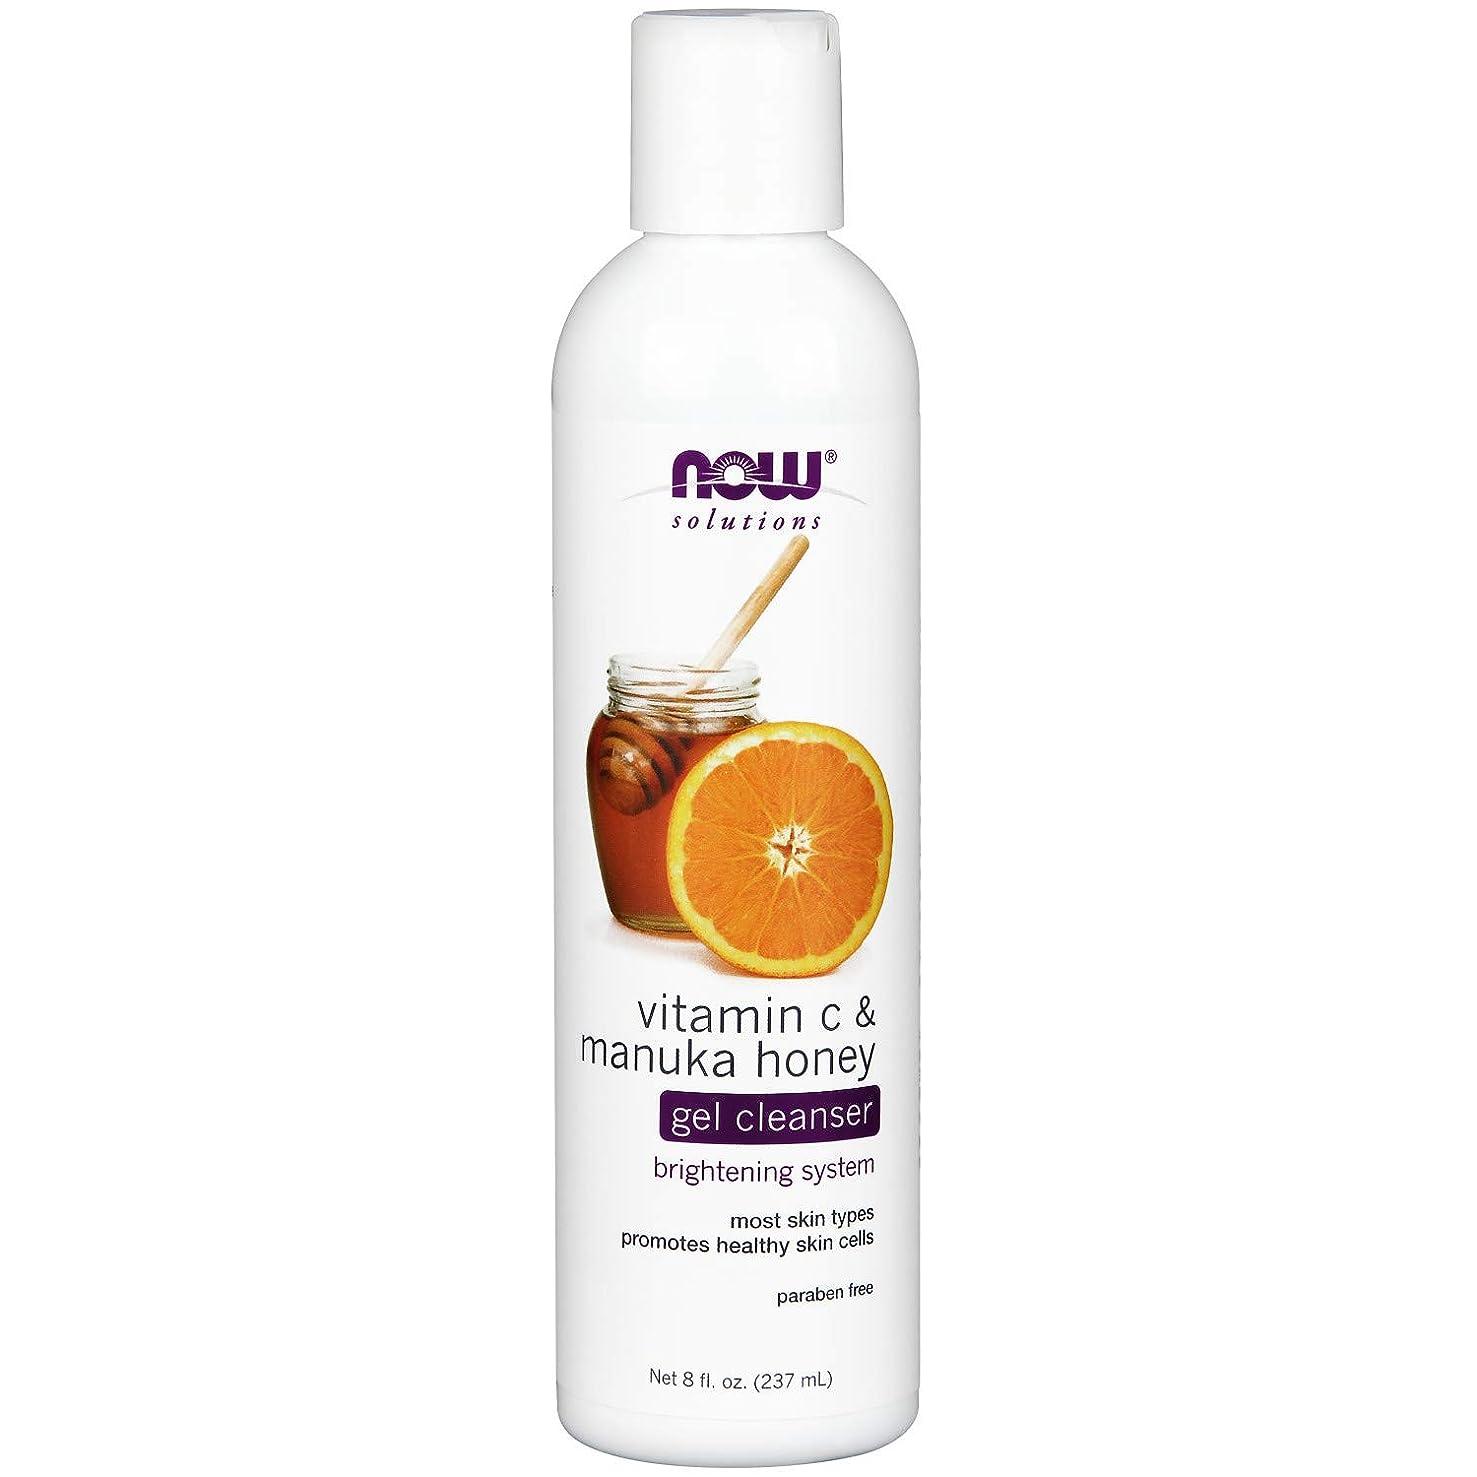 分注するテレビを見る速いNOW Vitamin C & Manuka Honey Gel Cleanser - 8 fl. oz. ビタミンC&マヌカハニー配合のジェルタイプ洗顔 ~海外直送品~